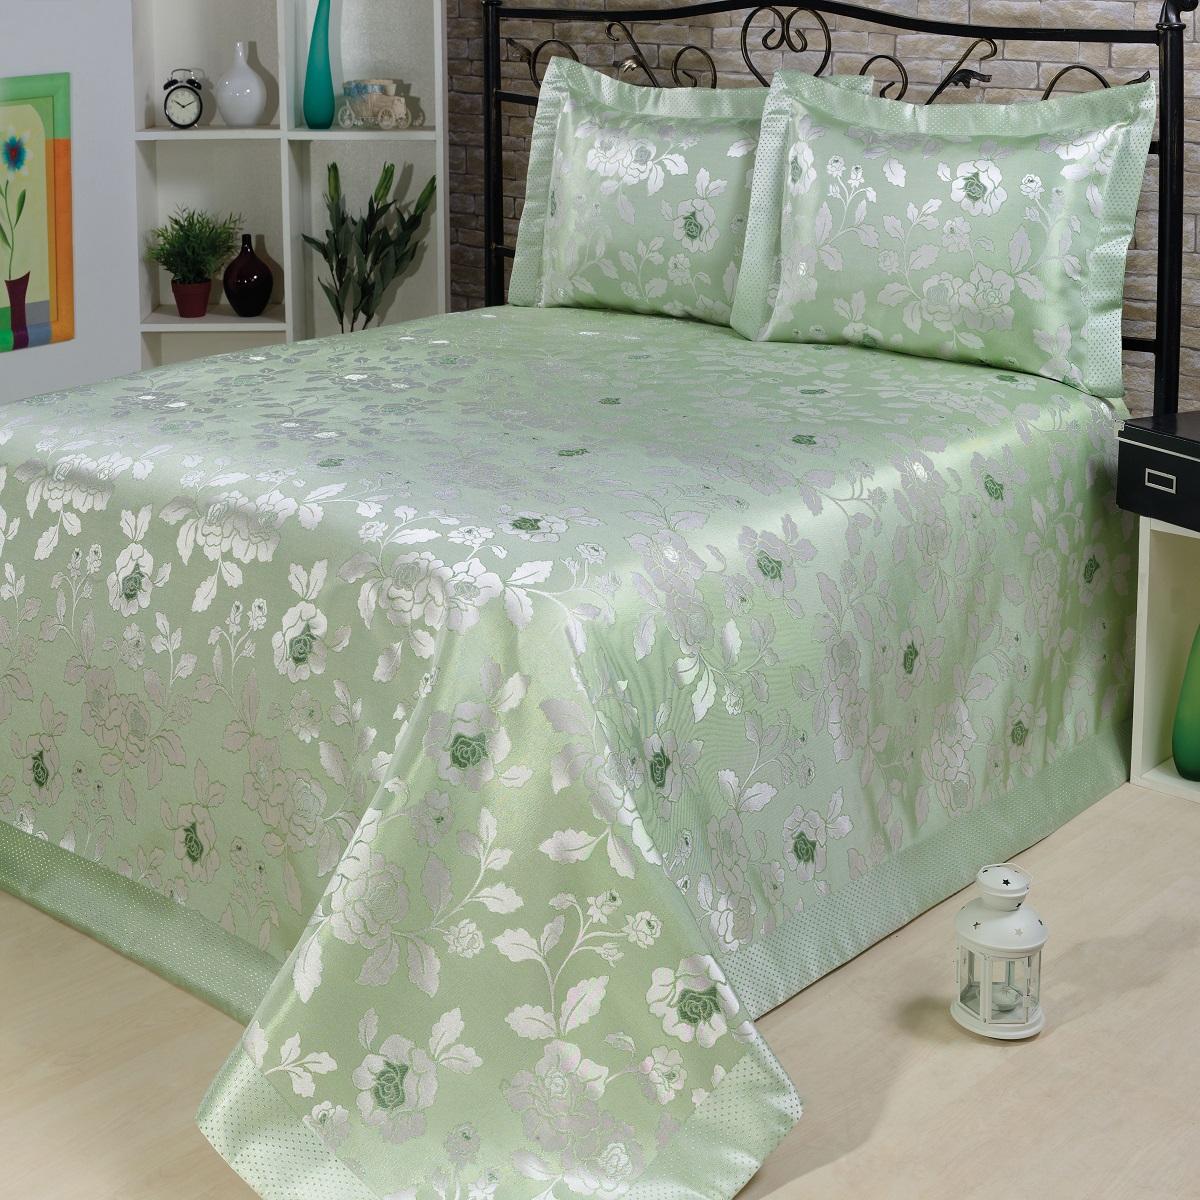 Комплект для спальни Nazsu Gul: покрывало 240 х 260 см, 2 наволочки 50 х 70 см, цвет: светло-зеленый, белыйES-412Изысканный комплект для спальни Nazsu Gul состоит из покрывала и двух наволочек. Изделия выполнены из высококачественного полиэстера (50%) и хлопка (50%), легкие, прочные и износостойкие. Ткань блестящая, что придает ей больше роскоши. Комплект Nazsu - это отличный способ придать спальне уют и комфорт, а также позволит по-королевски украсить интерьер. Размер покрывала: 240 х 260 см.Размер наволочки: 50 х 70 см.